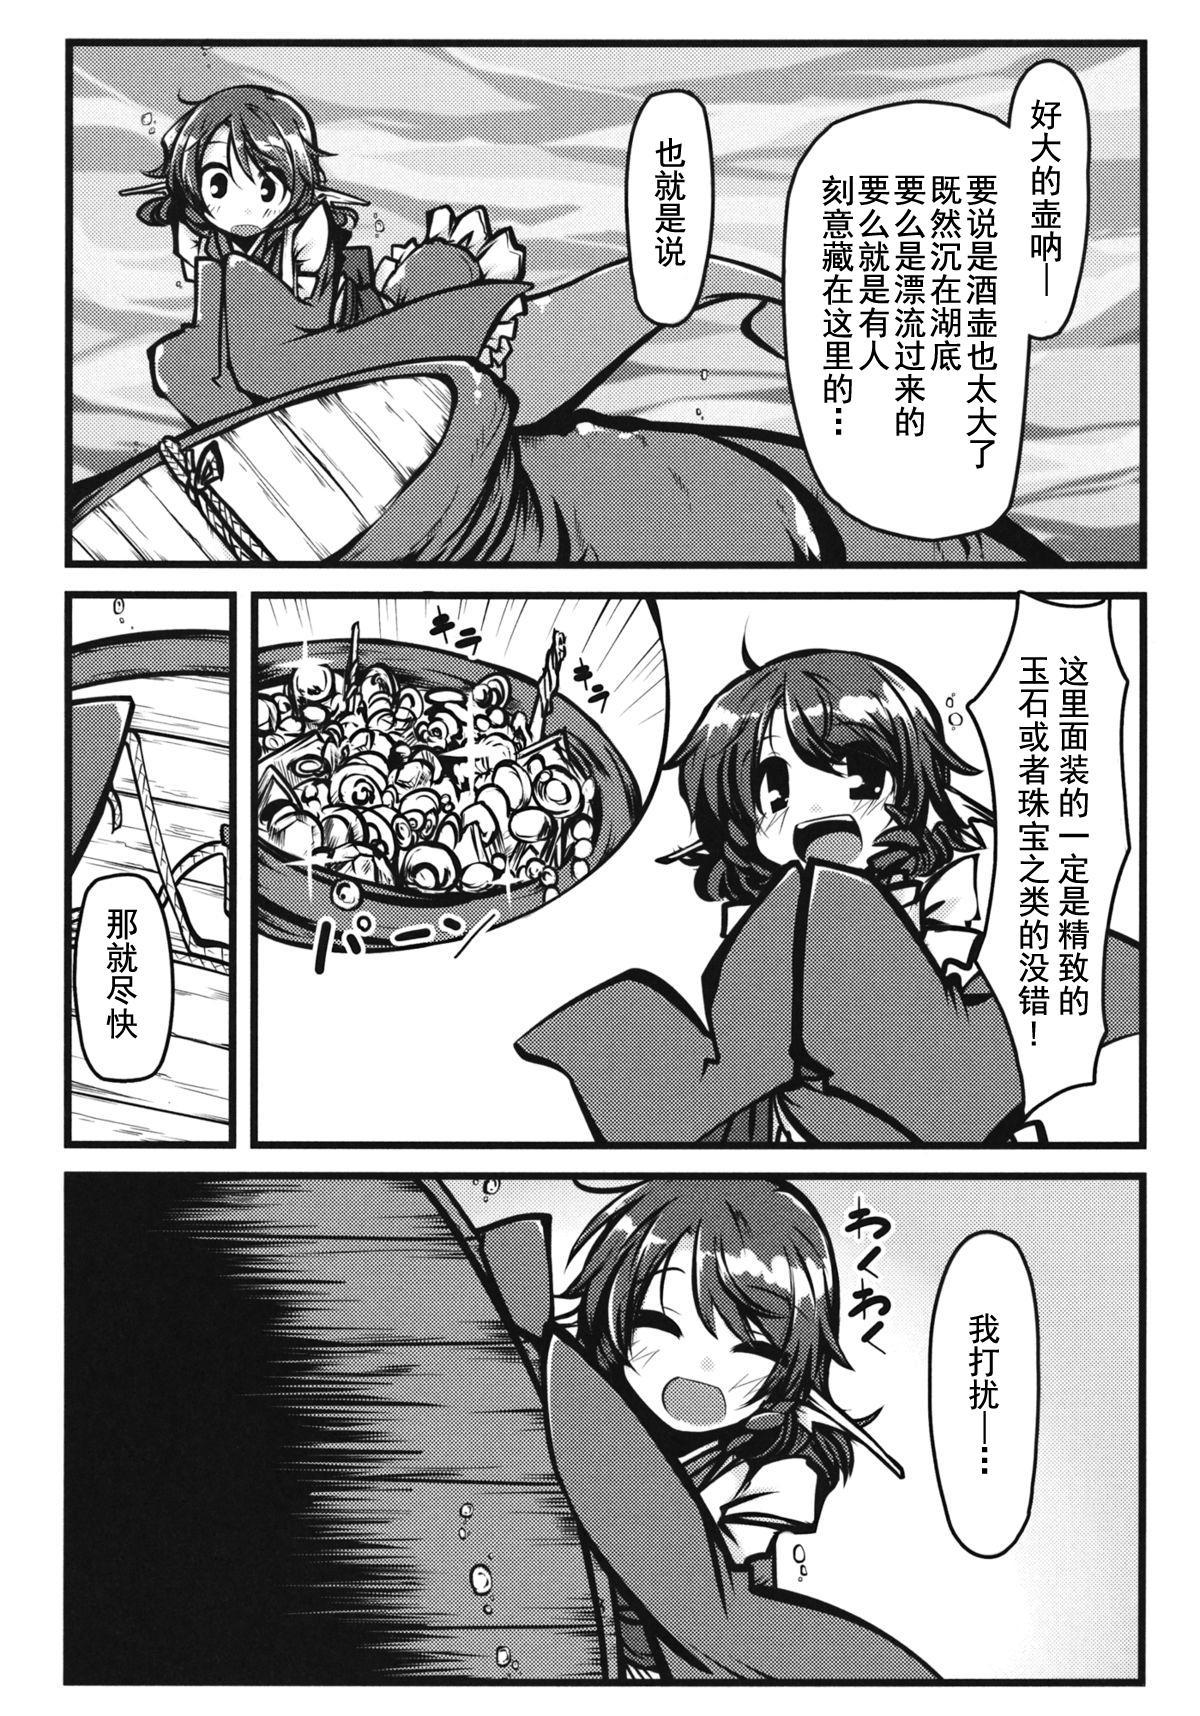 Otsumami 2